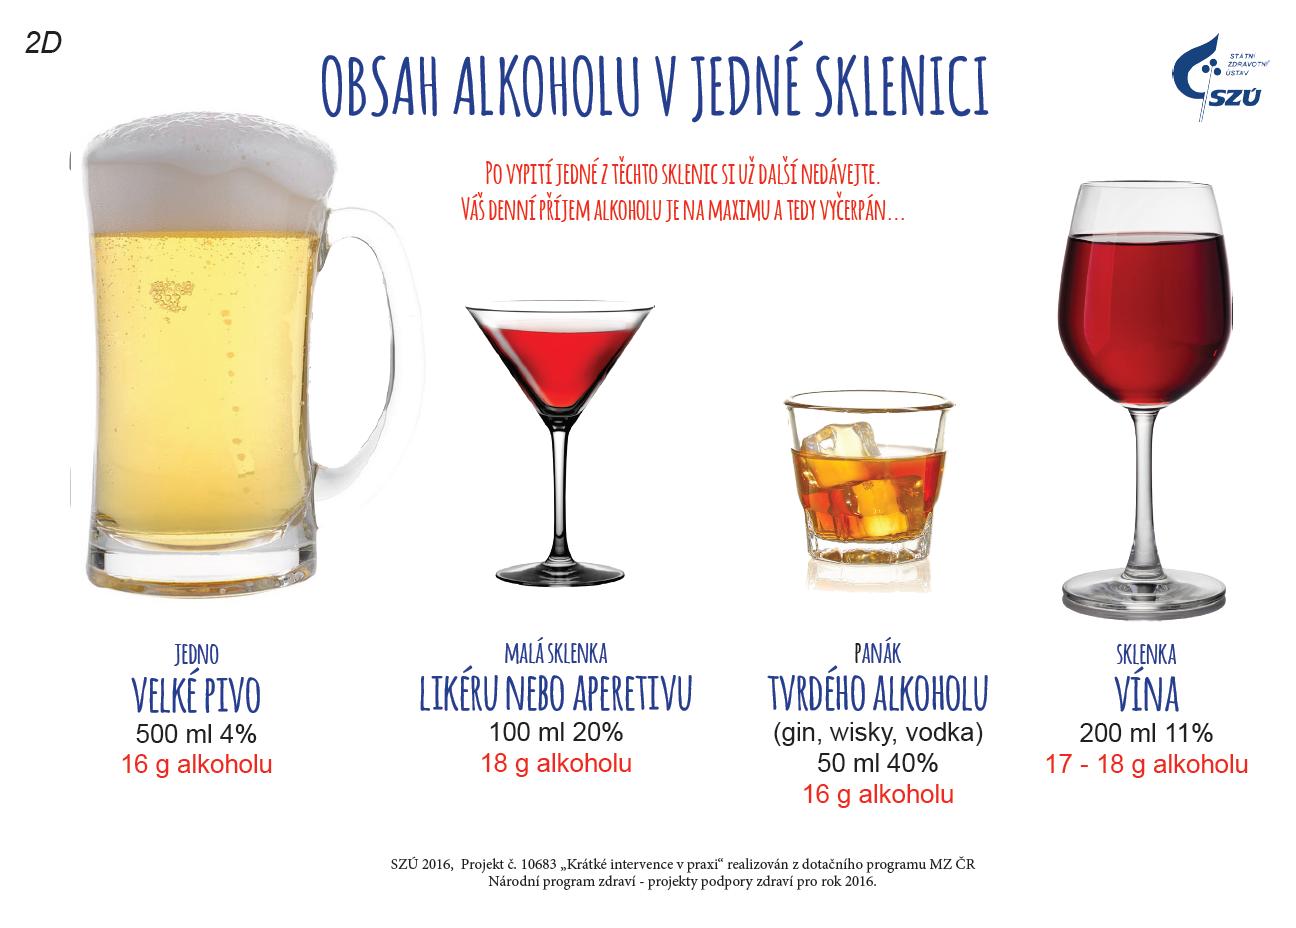 obsah_alkoholu